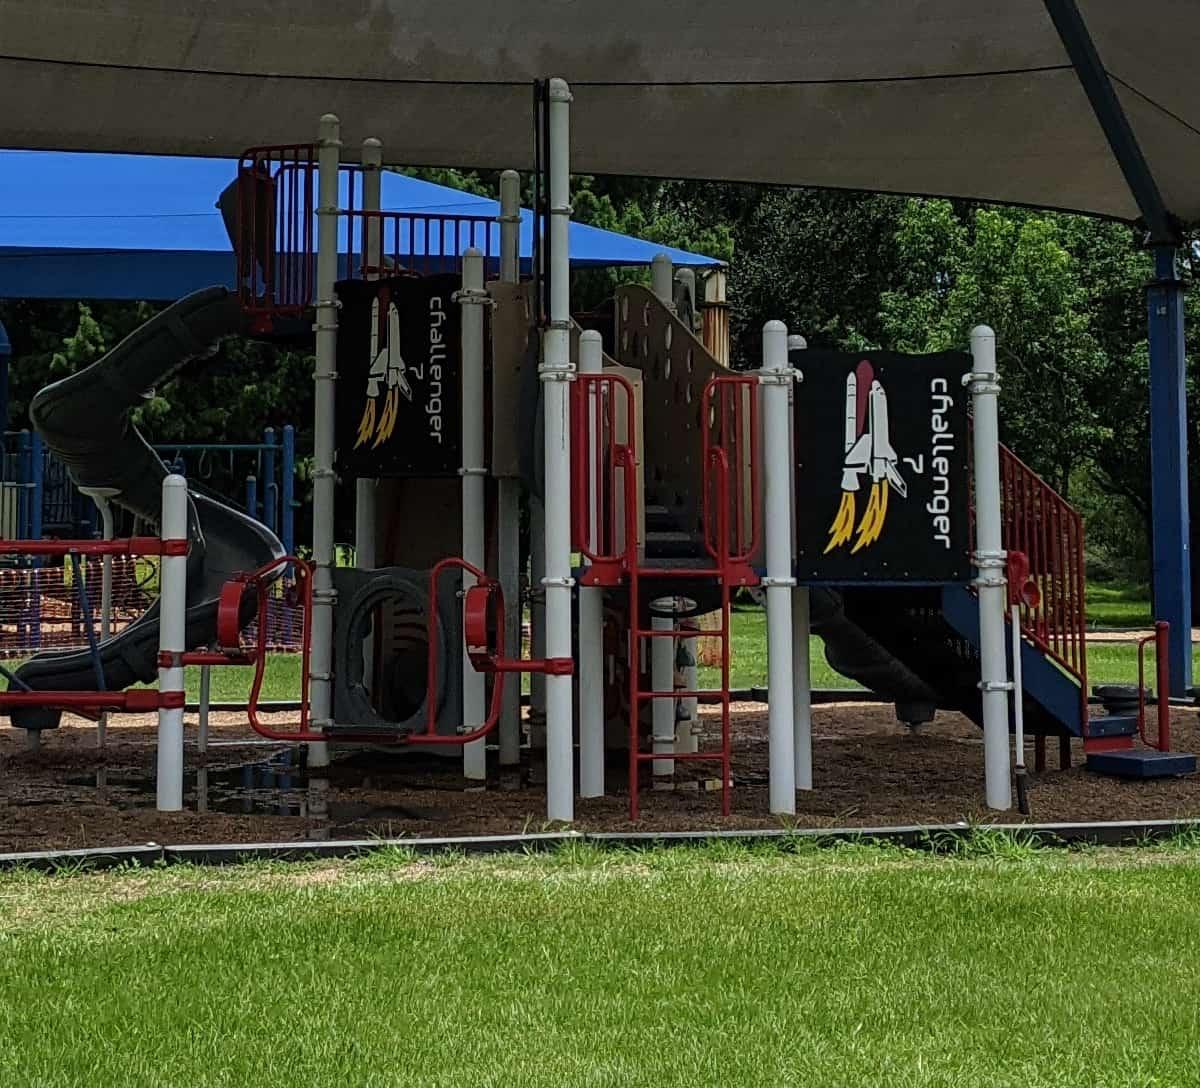 Challenger 7 Playground